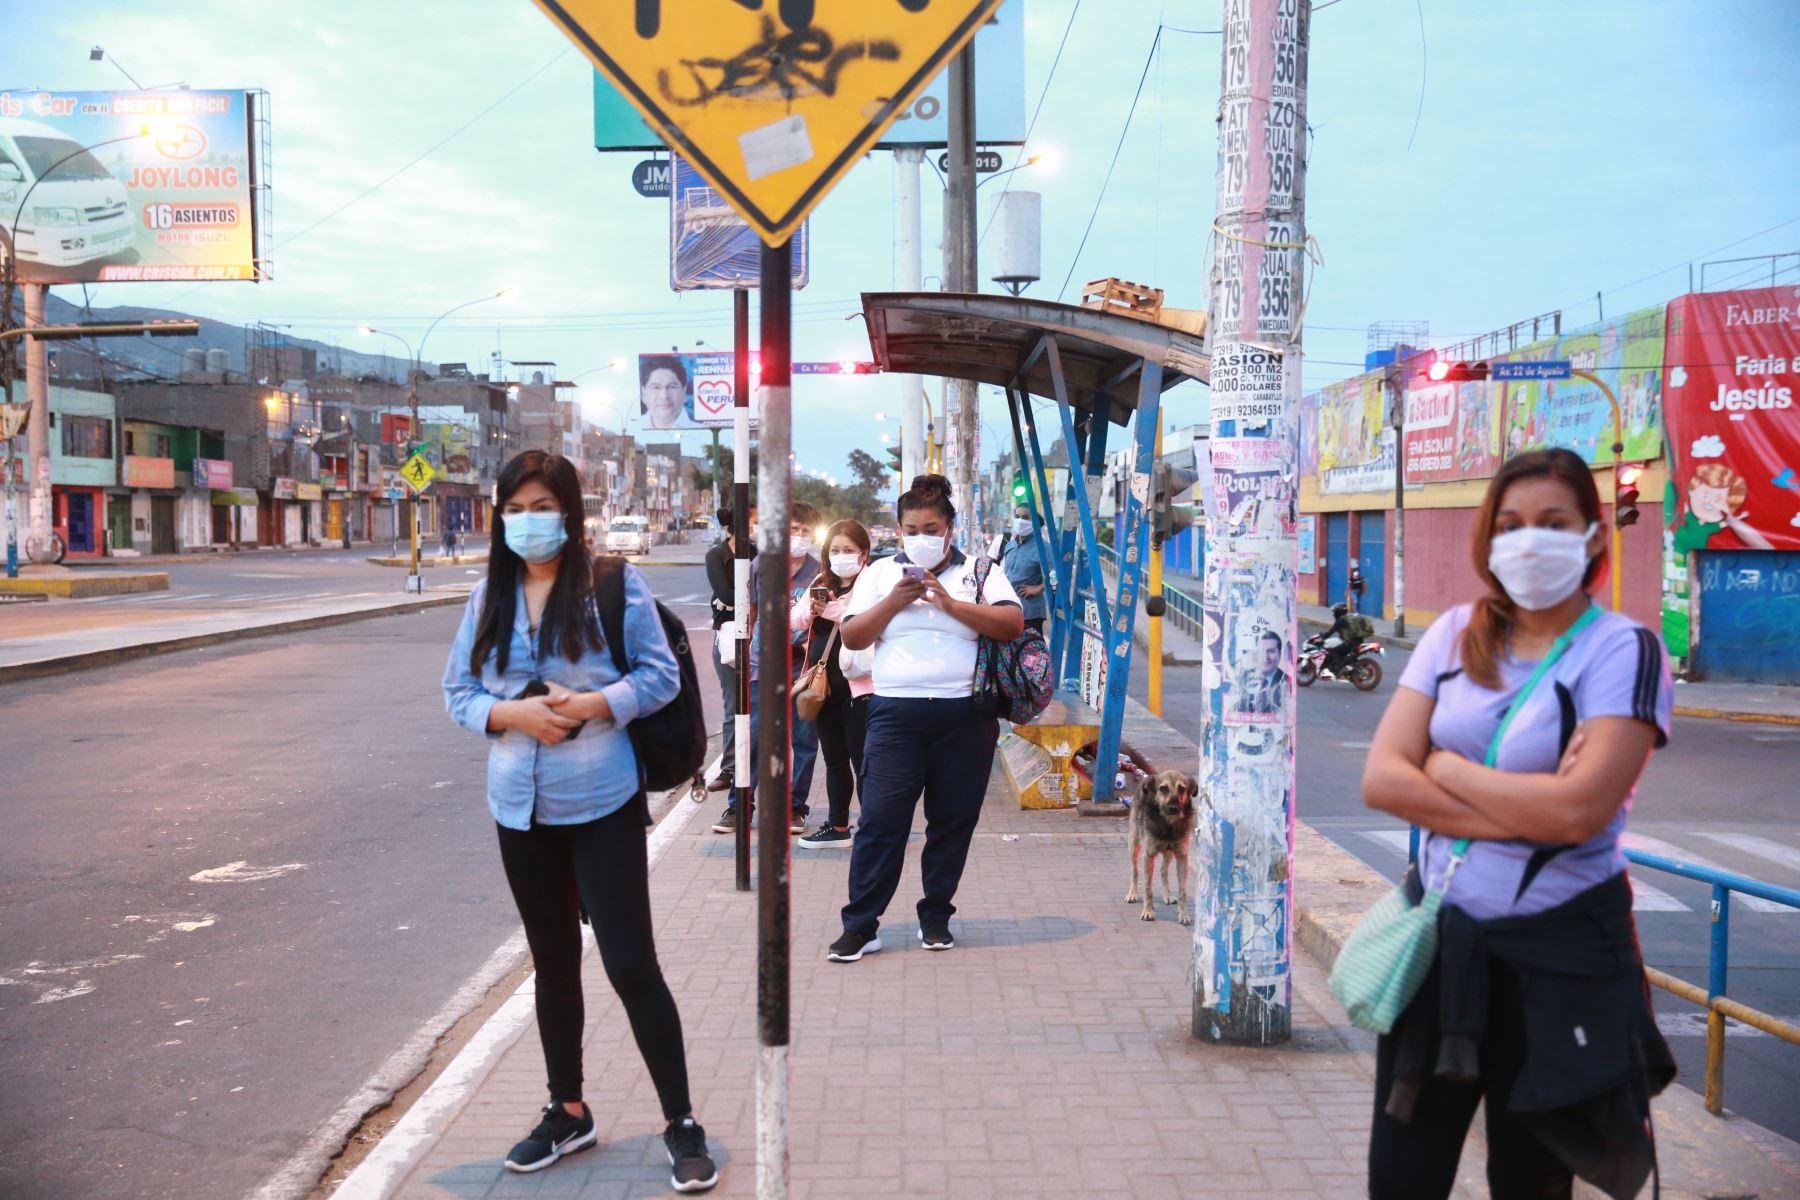 Avenida Túpac Amaru es una de las que presentan más casos de coronavirus, según EsSalud. Foto: ANDINA/Jhony Laurente